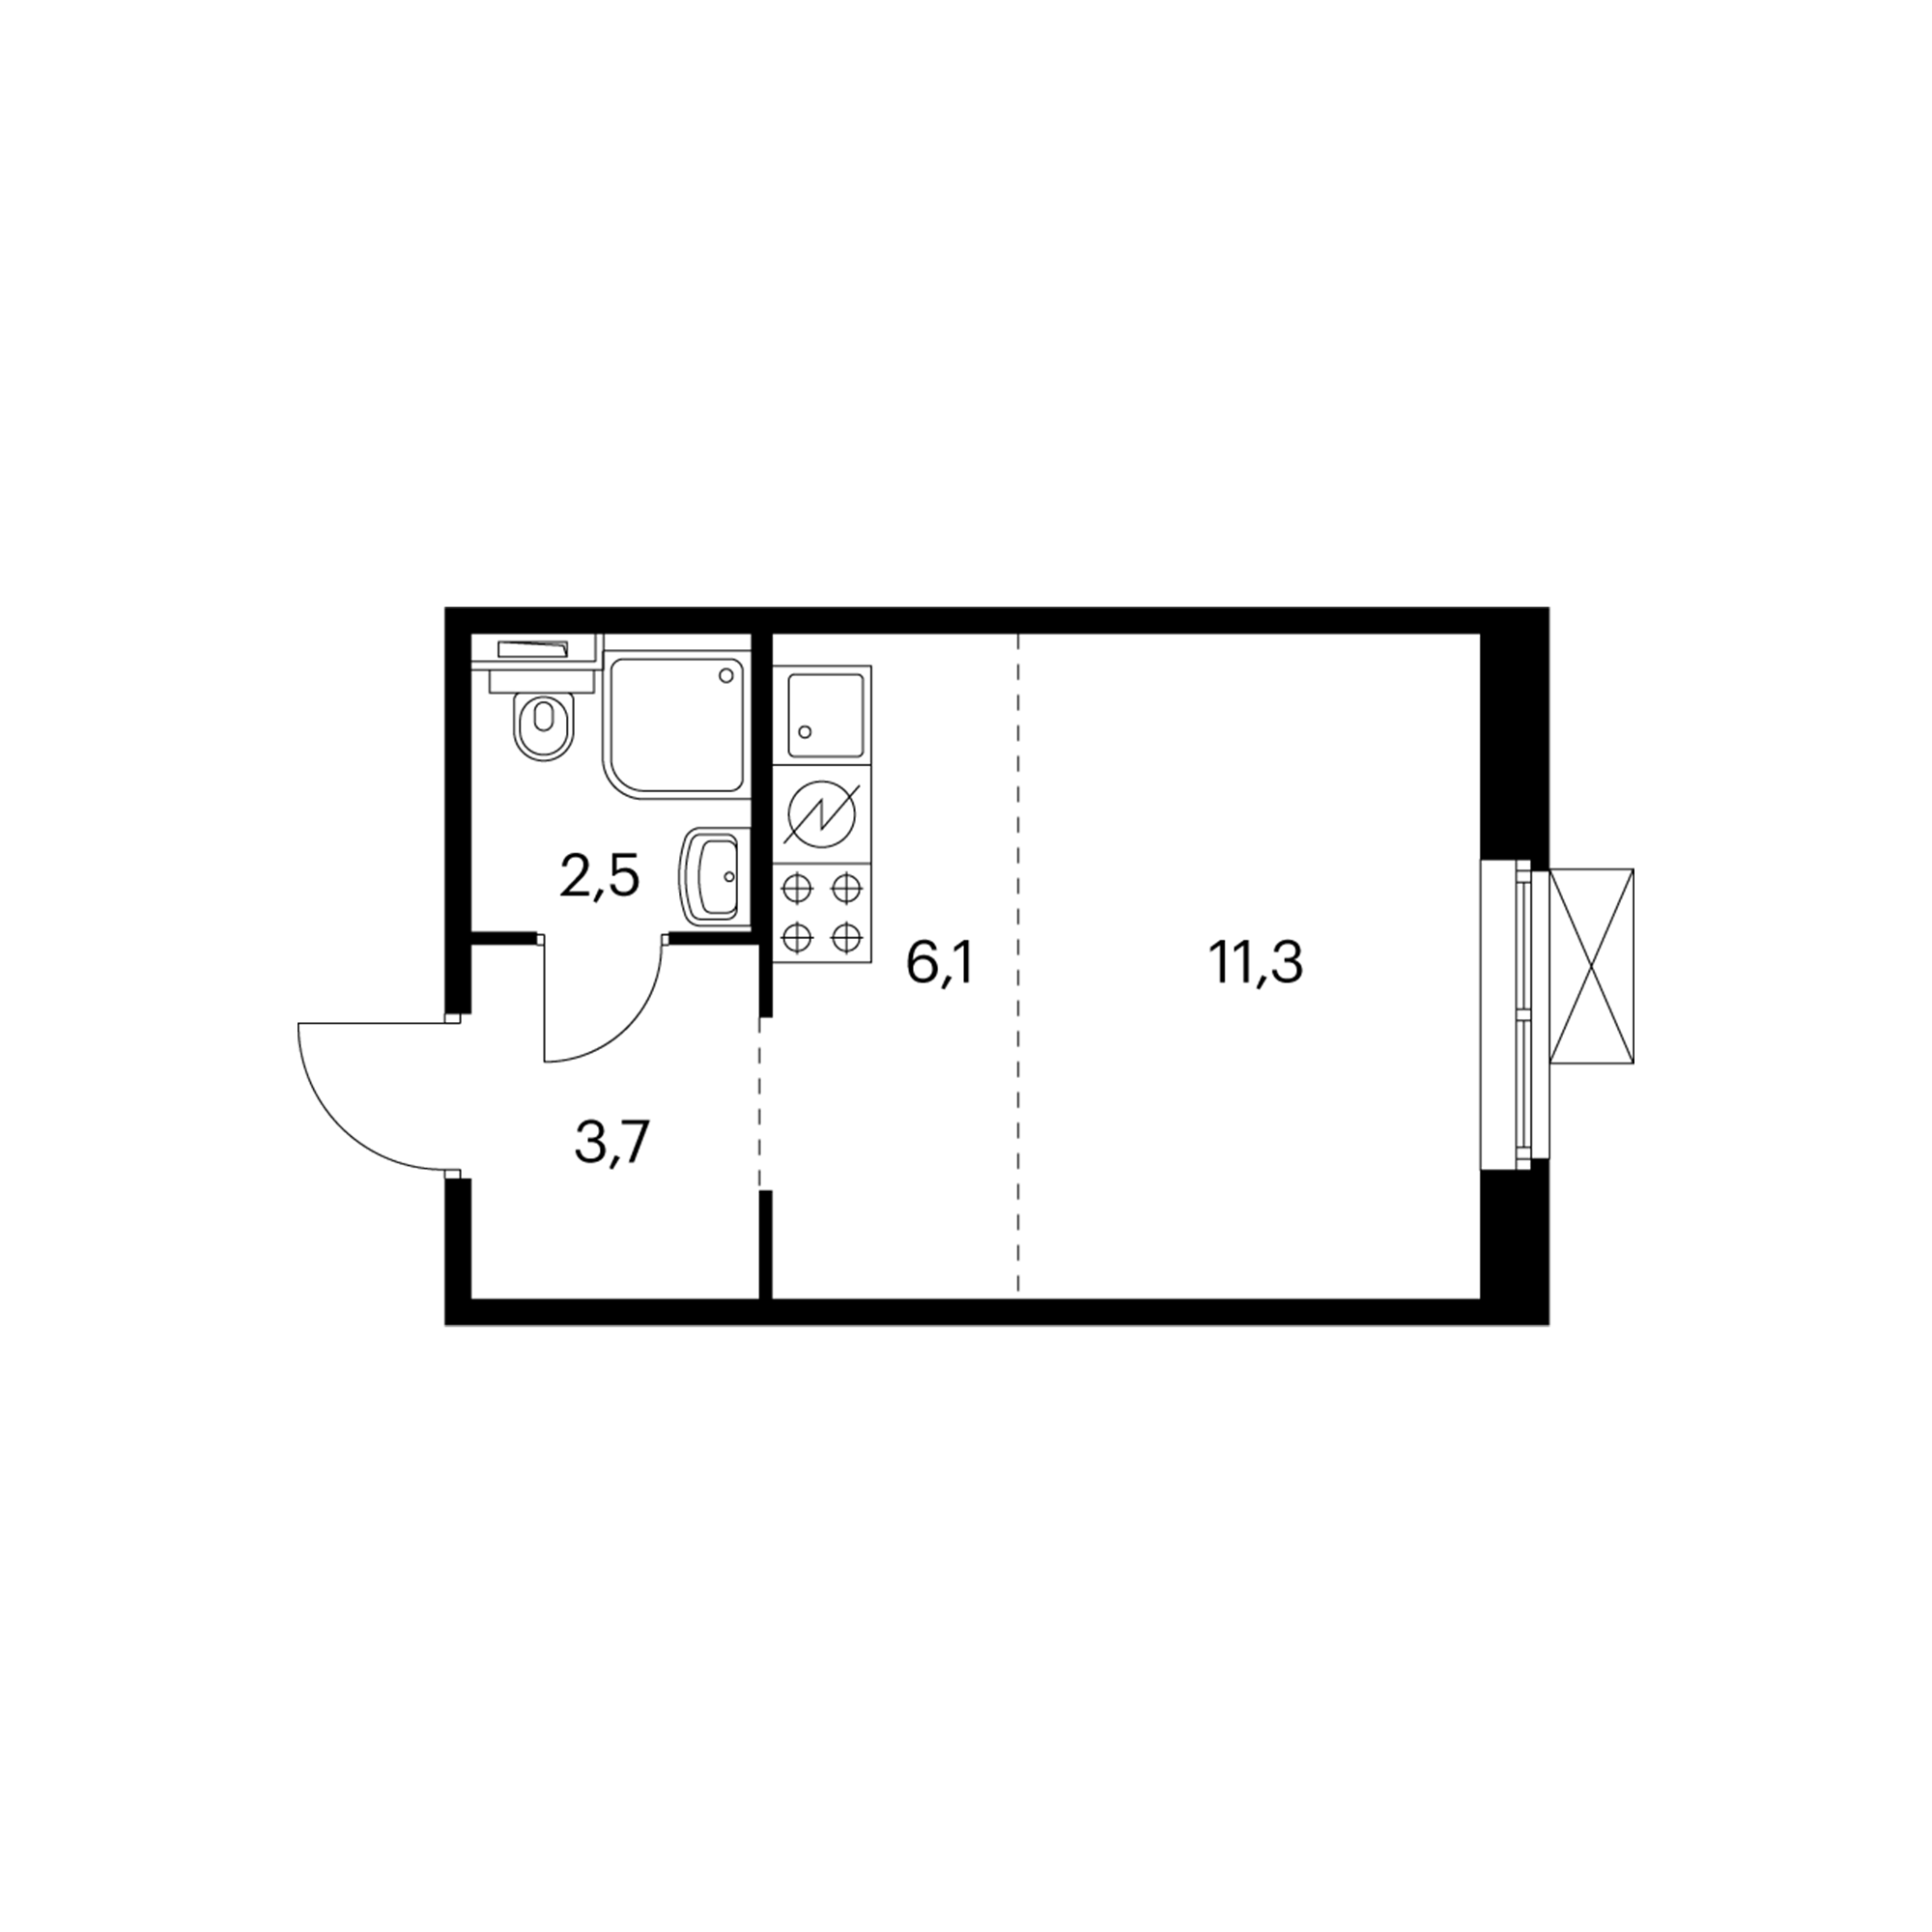 1NS1_4.2-1_S_A3